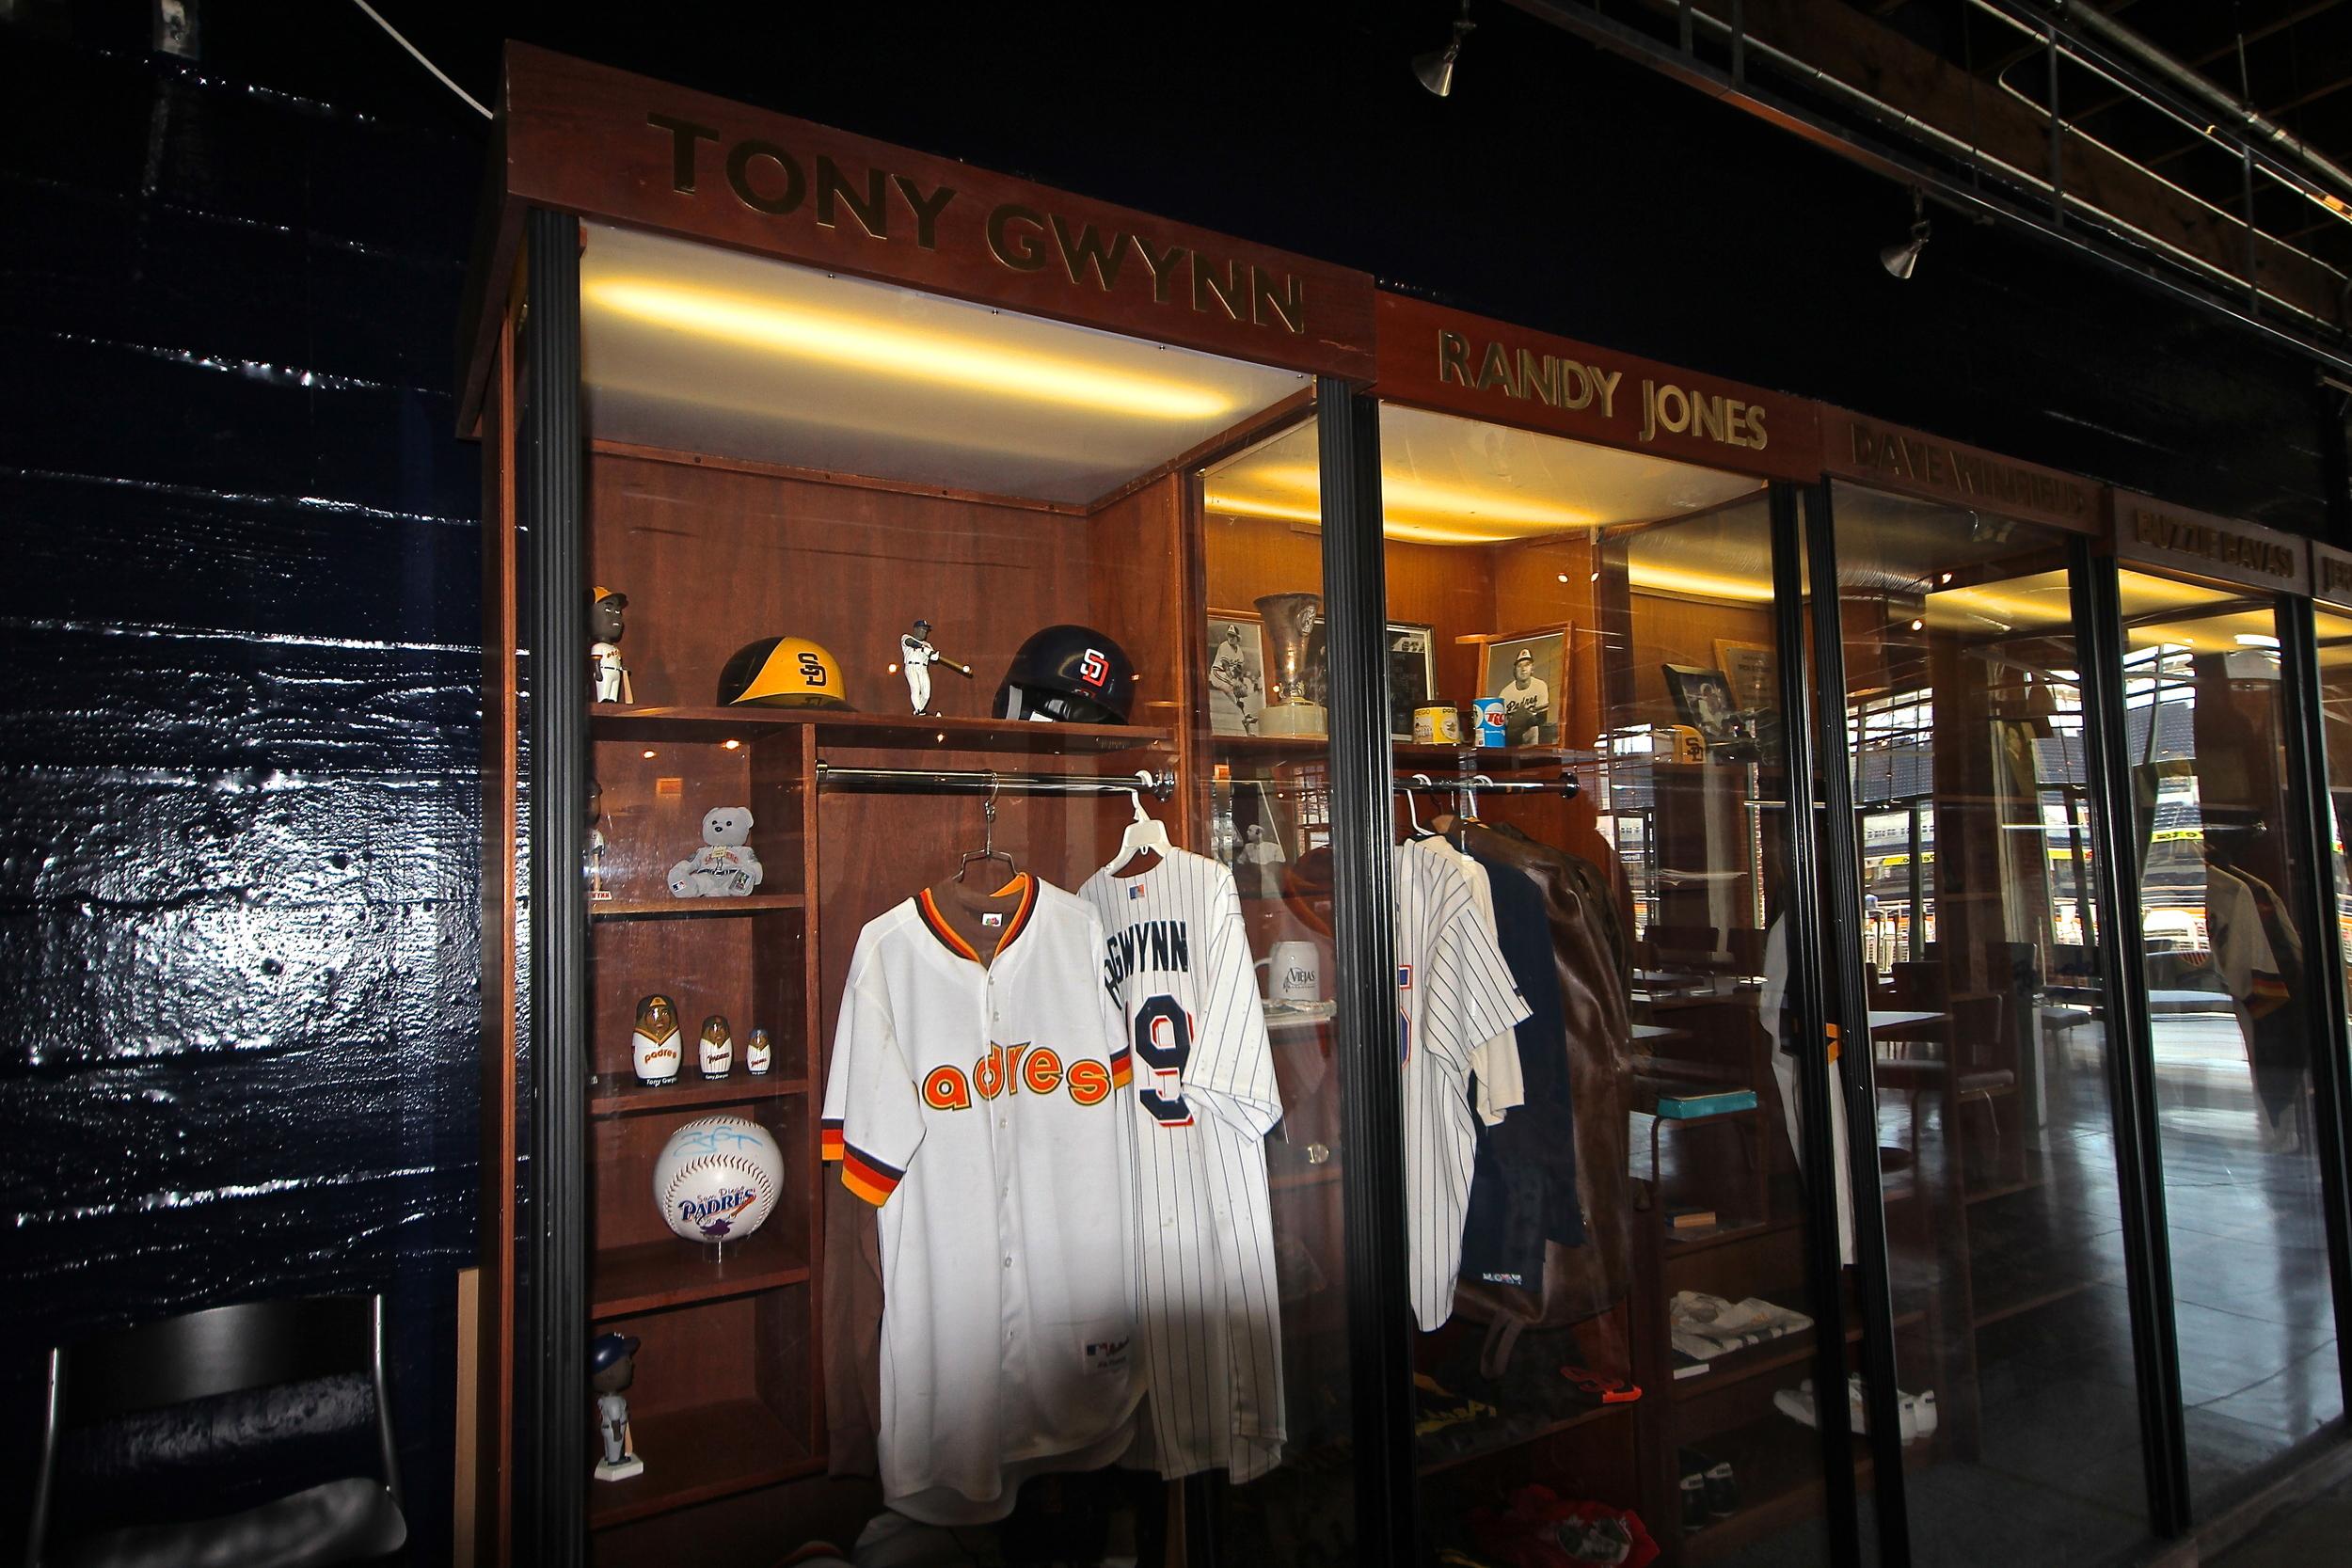 Padres Hall of Fame